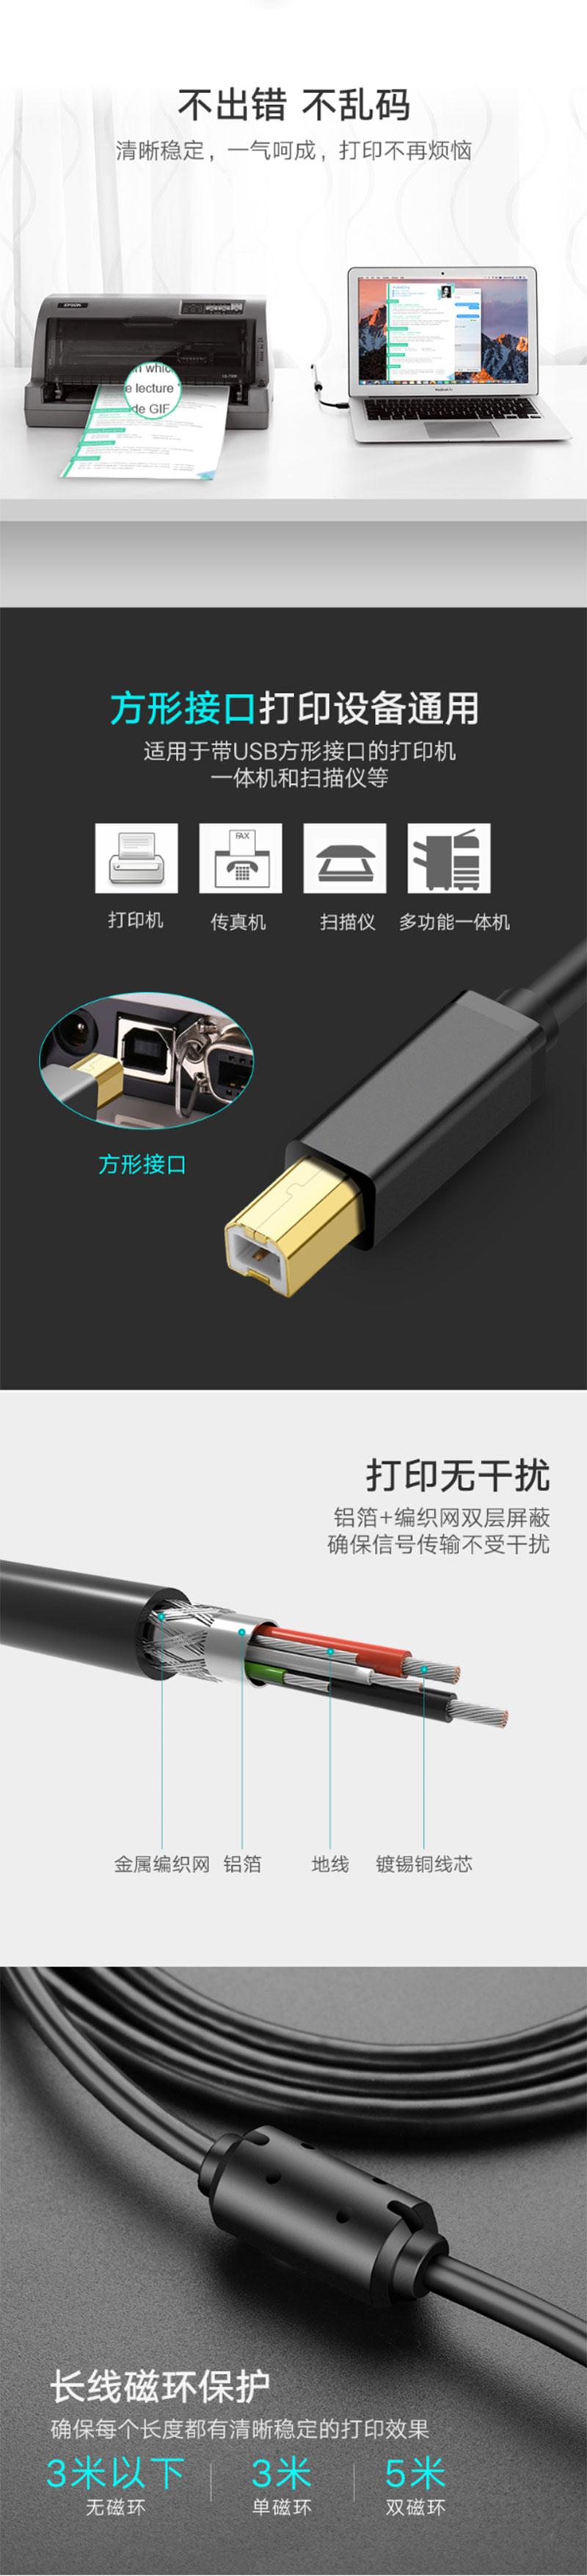 绿联10352 5米打印机方口线